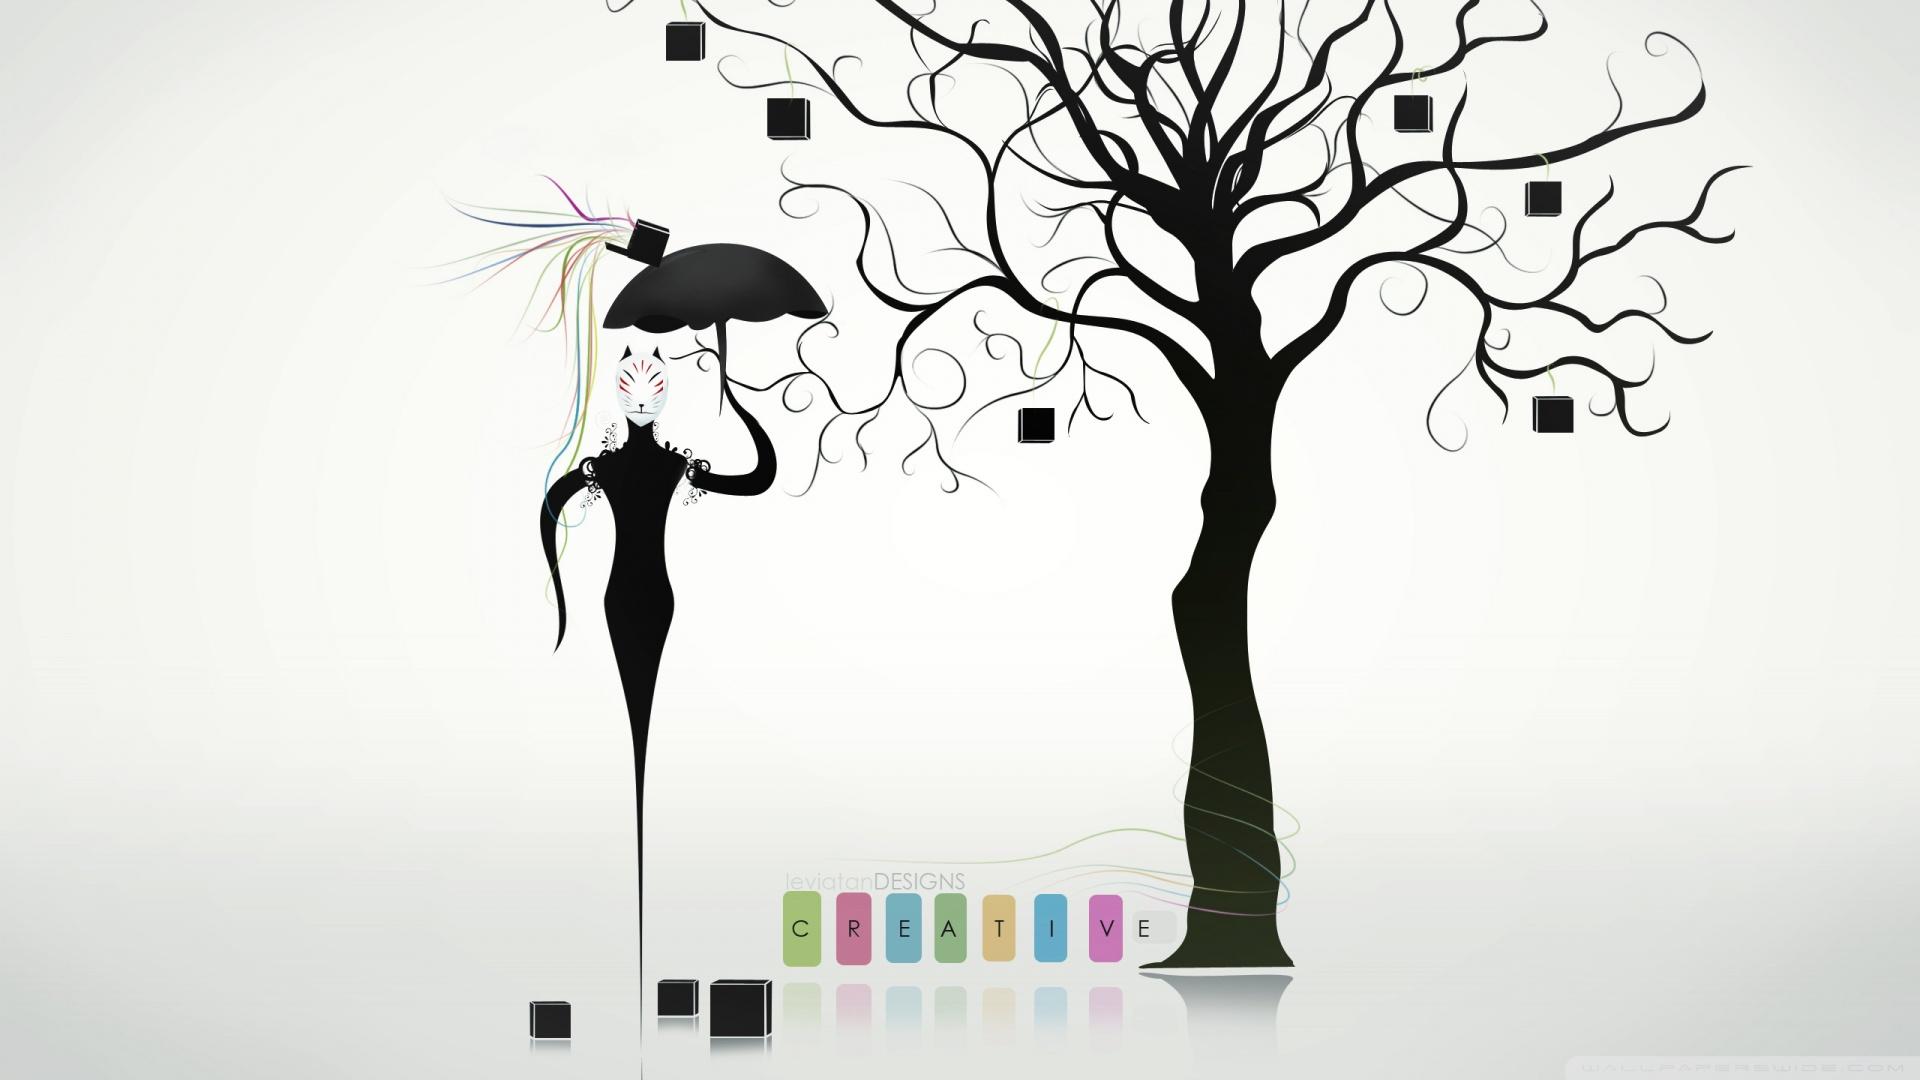 Creative Design HD desktop wallpaper : High Definition